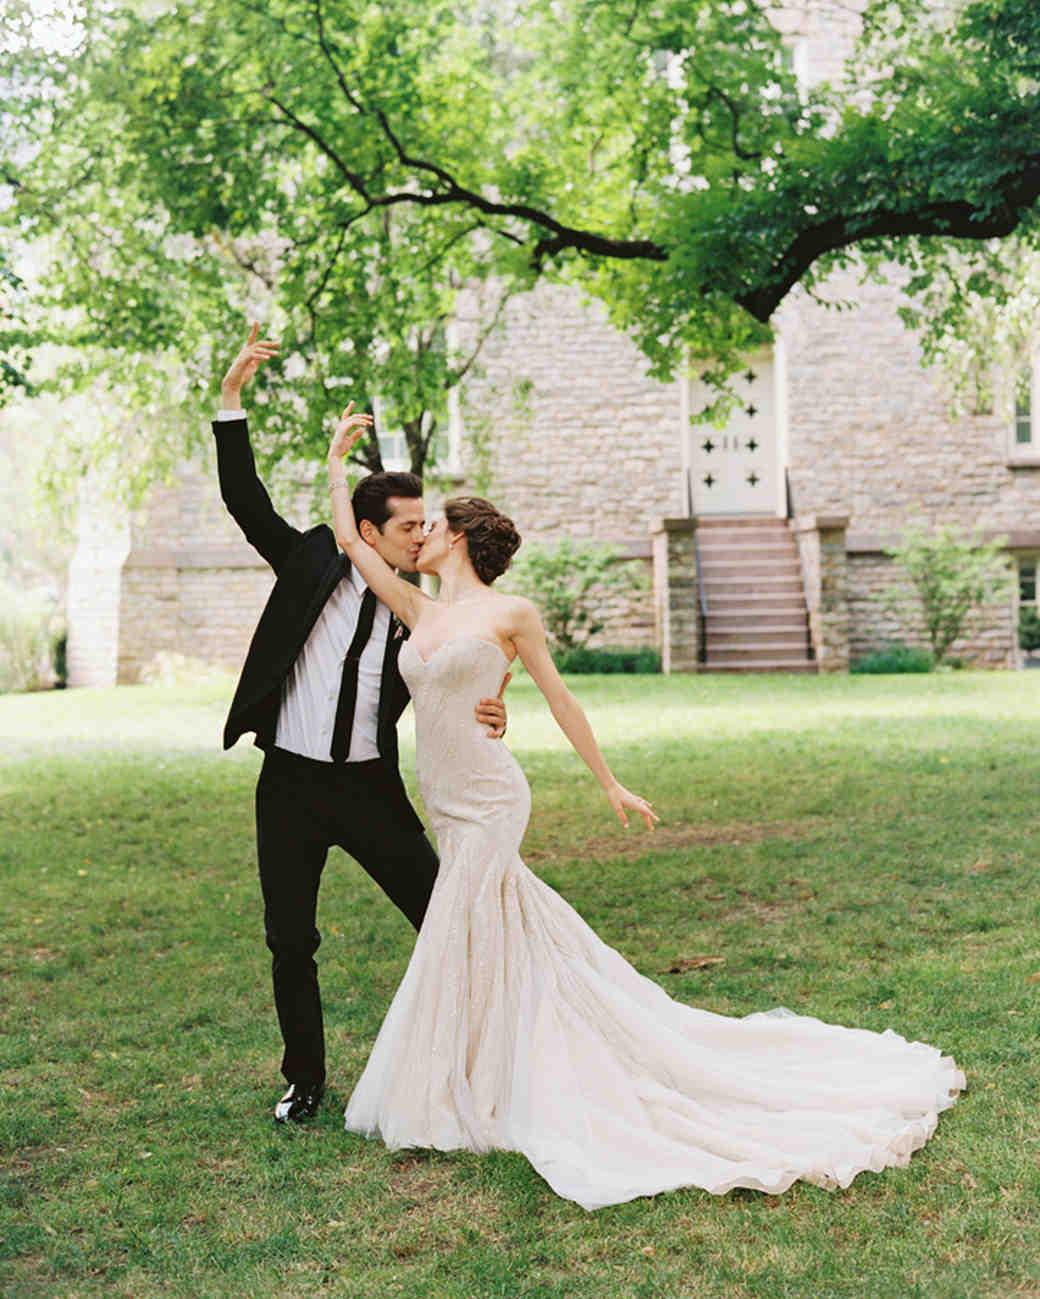 tiler-robbie-bride-groom-003-2-d111357.jpg